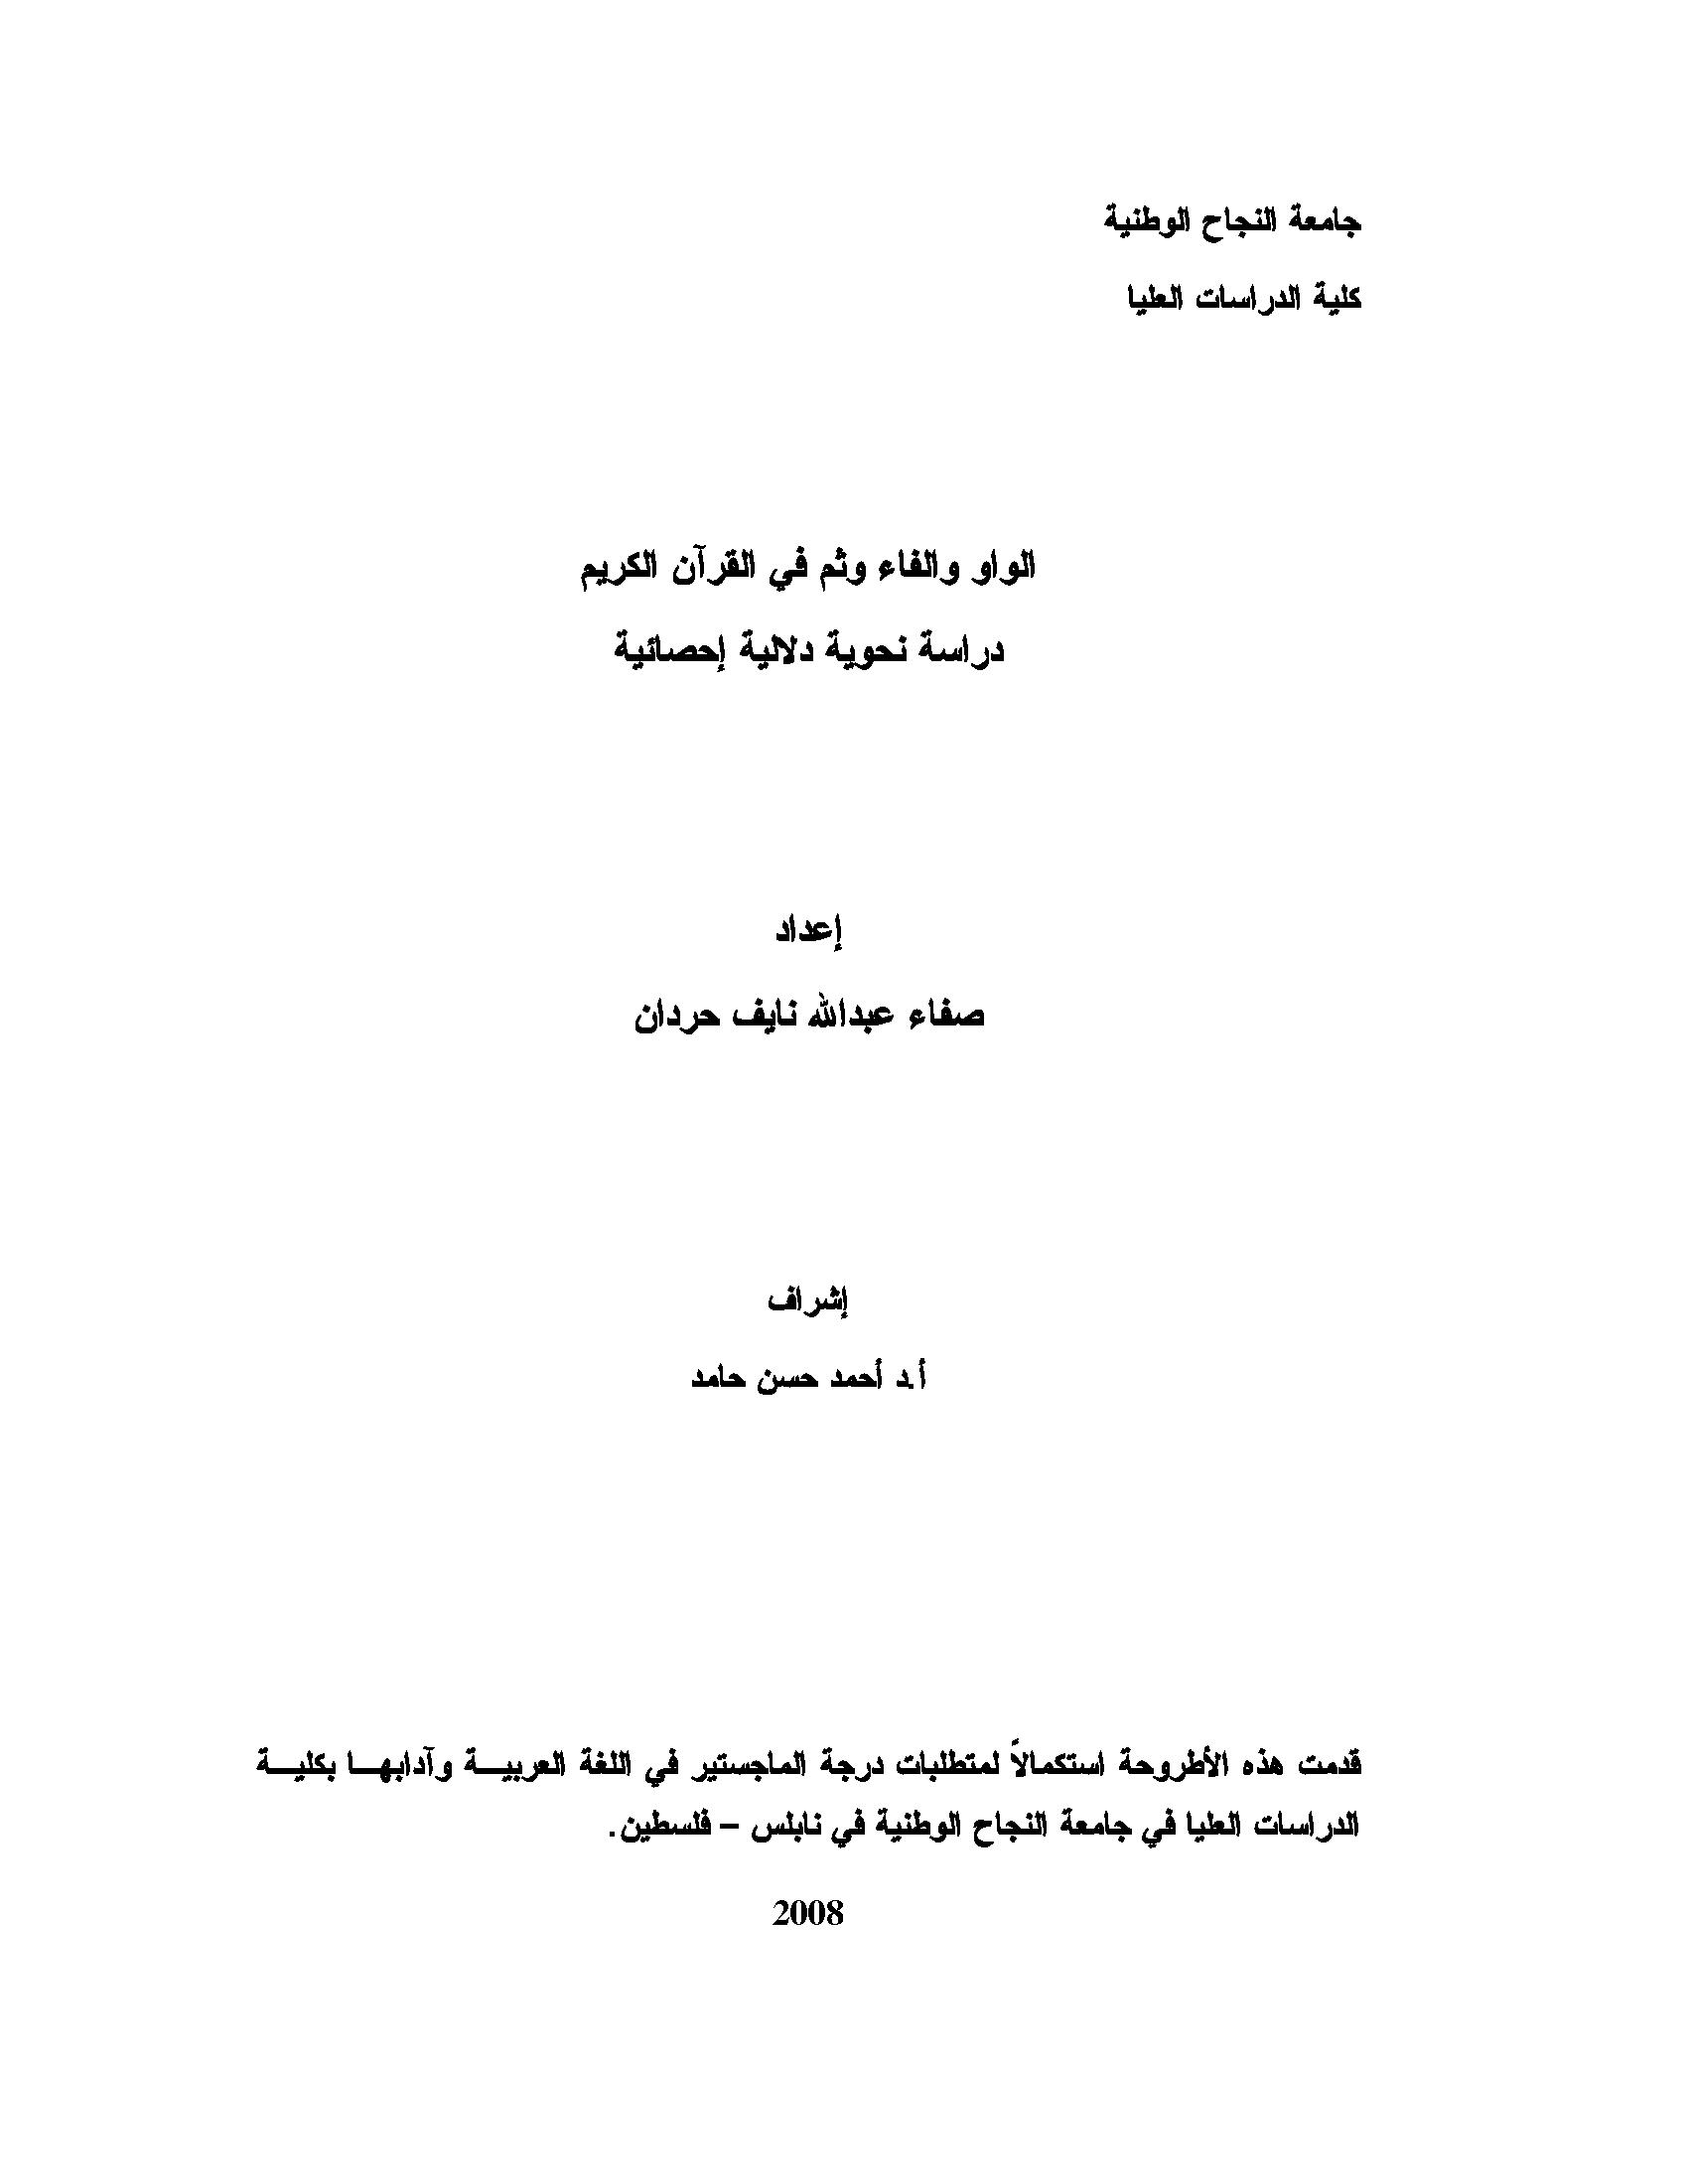 تحميل كتاب الواو والفاء وثم في القرآن الكريم (دراسة نحوية دلالية إحصائية) لـِ: صفاء عبد الله نايف حردان